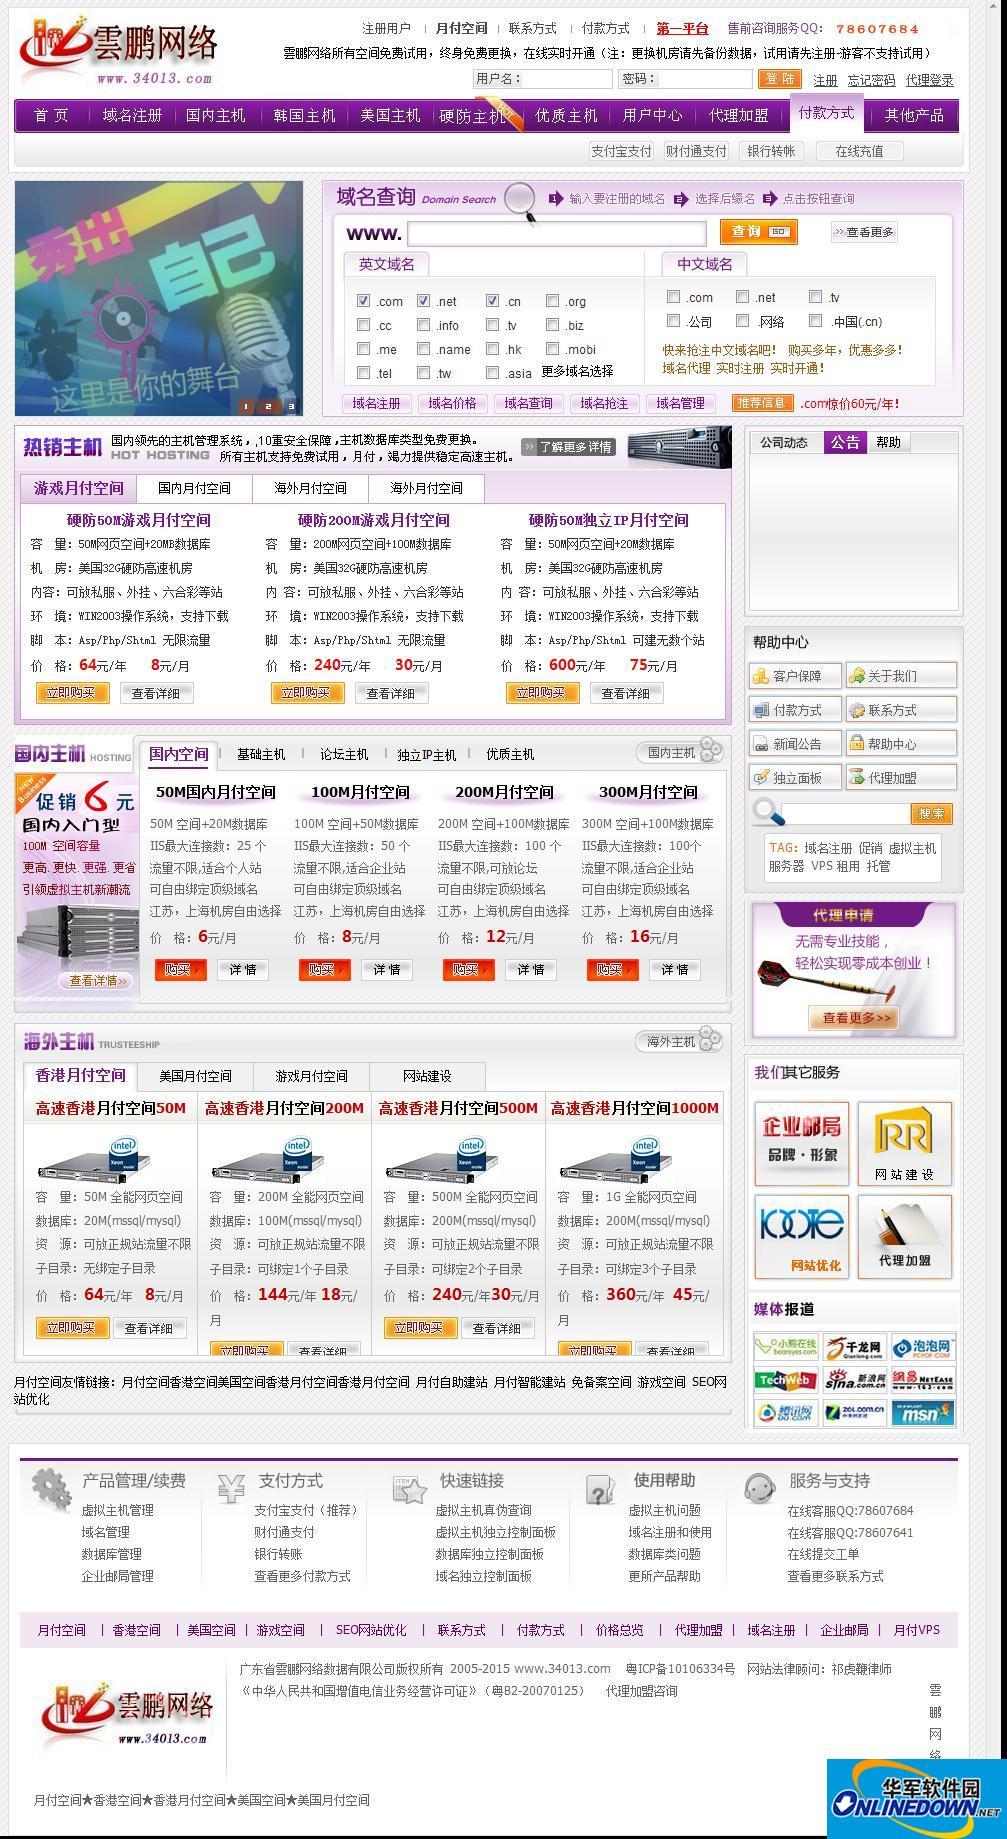 雲鹏网络主机域名网站模版 PC版